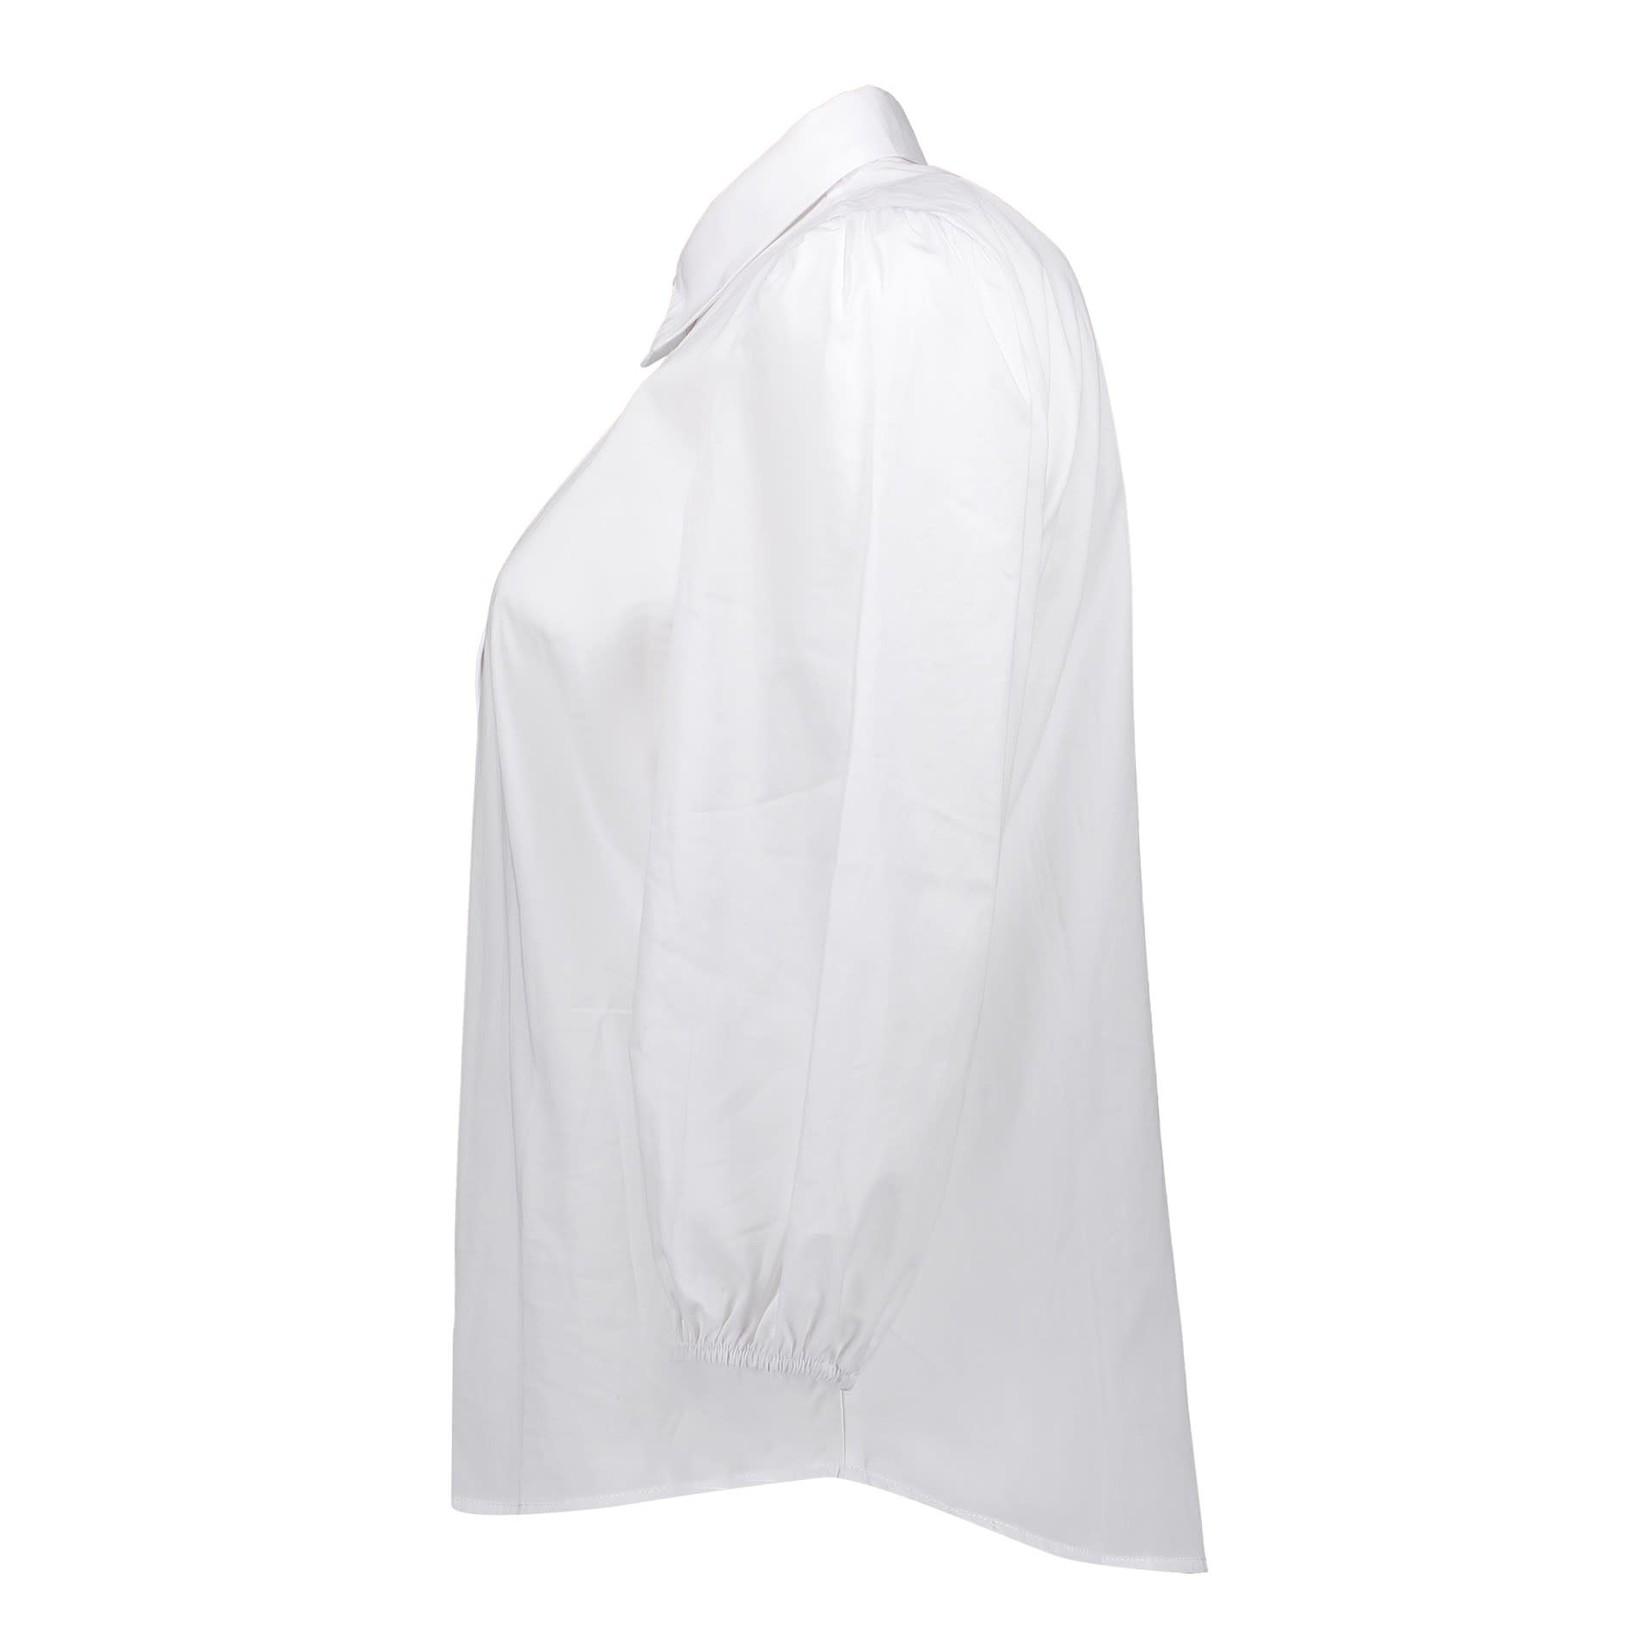 Geisha Geisha blouse poplin white 13120-24